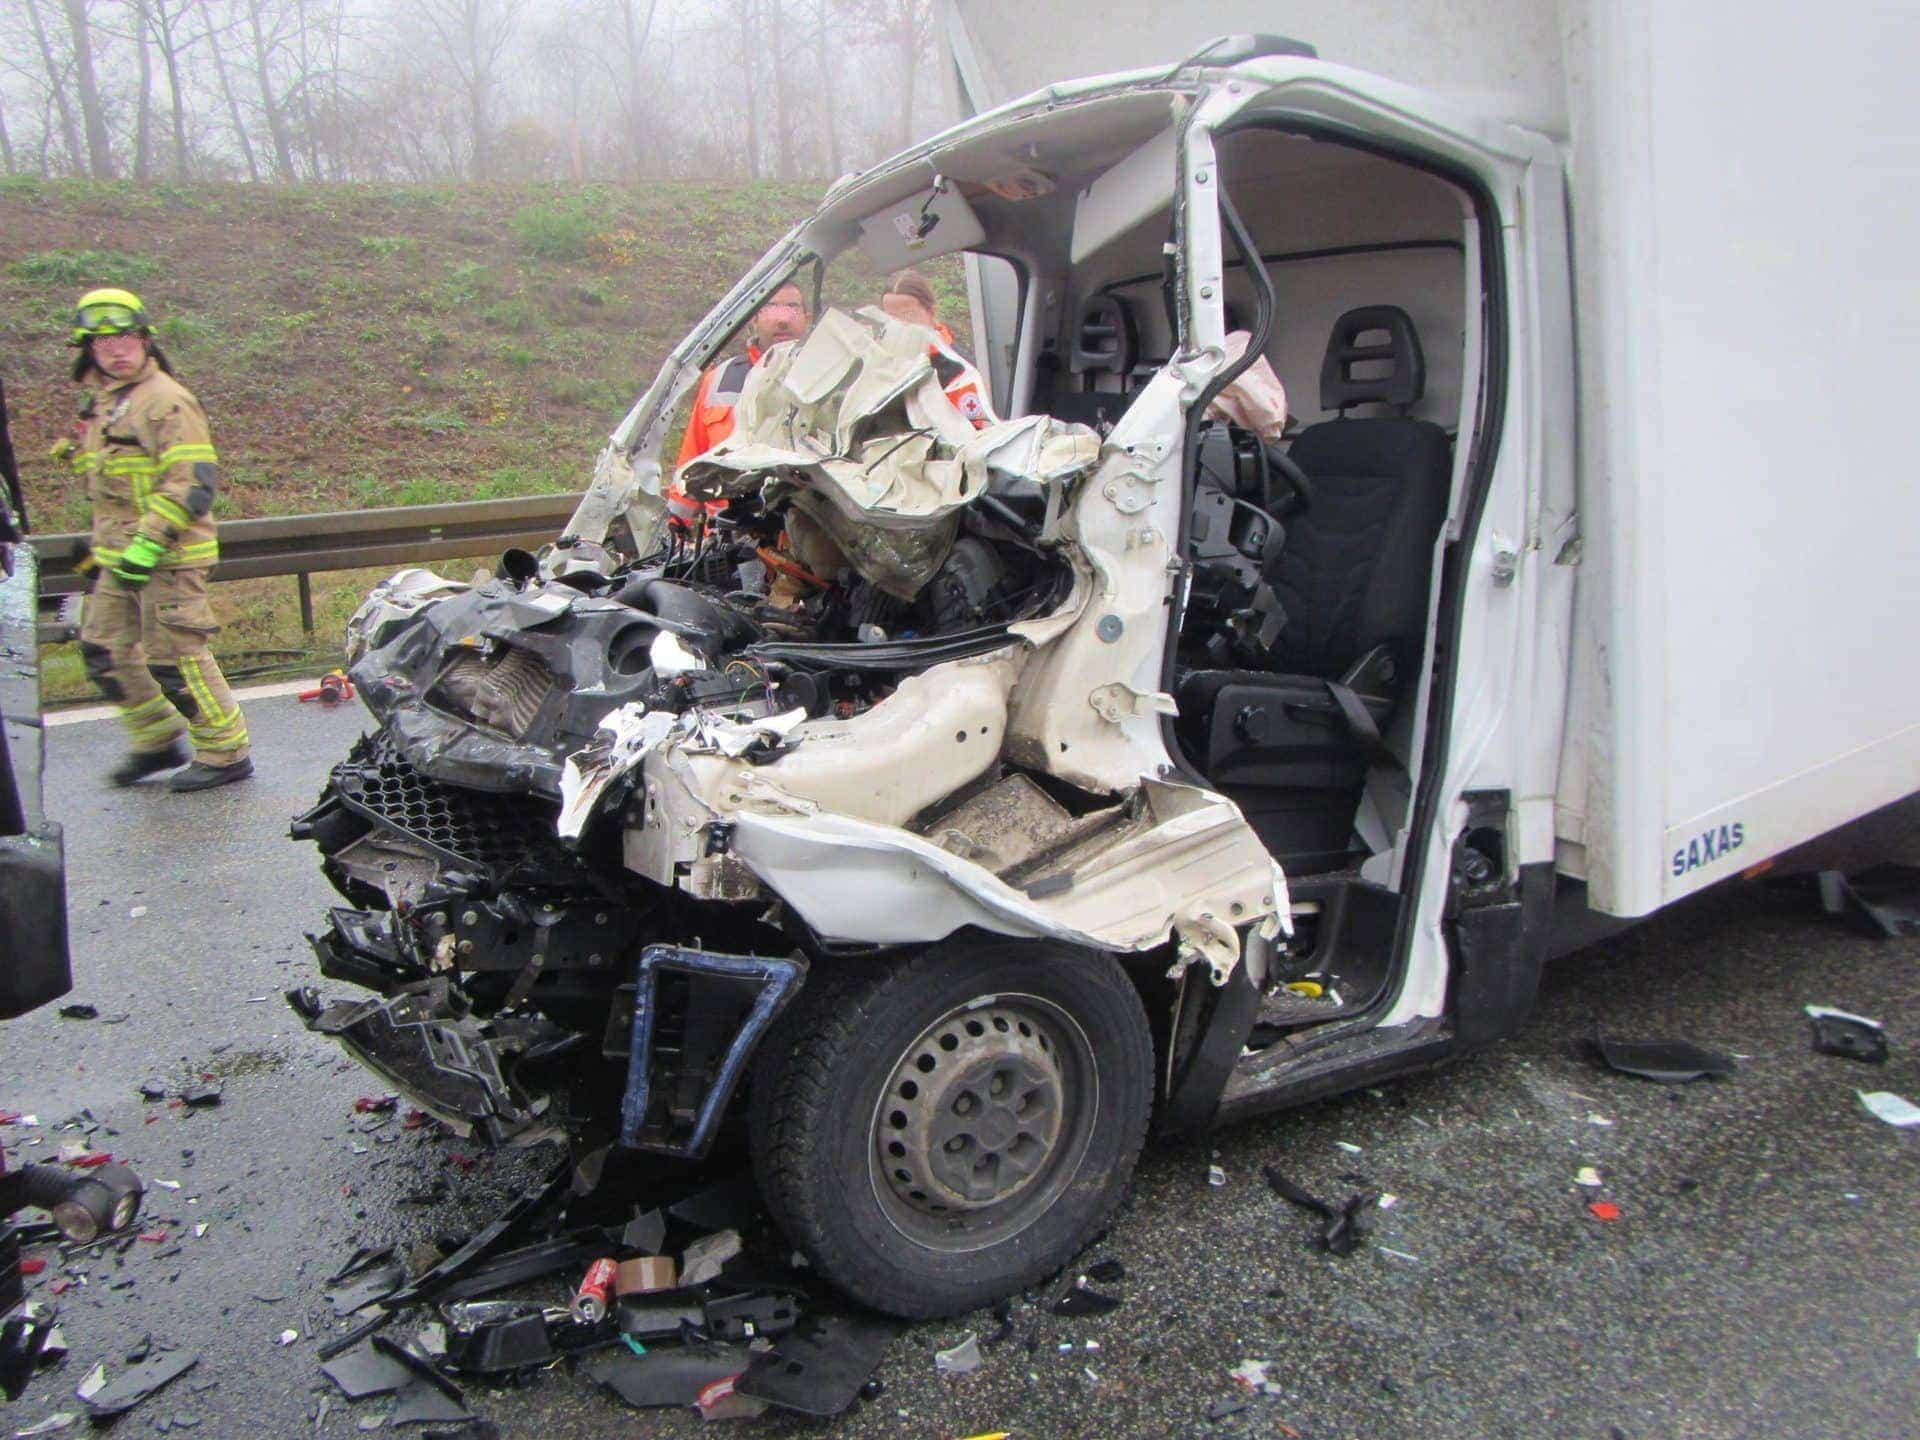 Schwerer Verkehrsunfall Auf Der A3 Blizz Regensburg